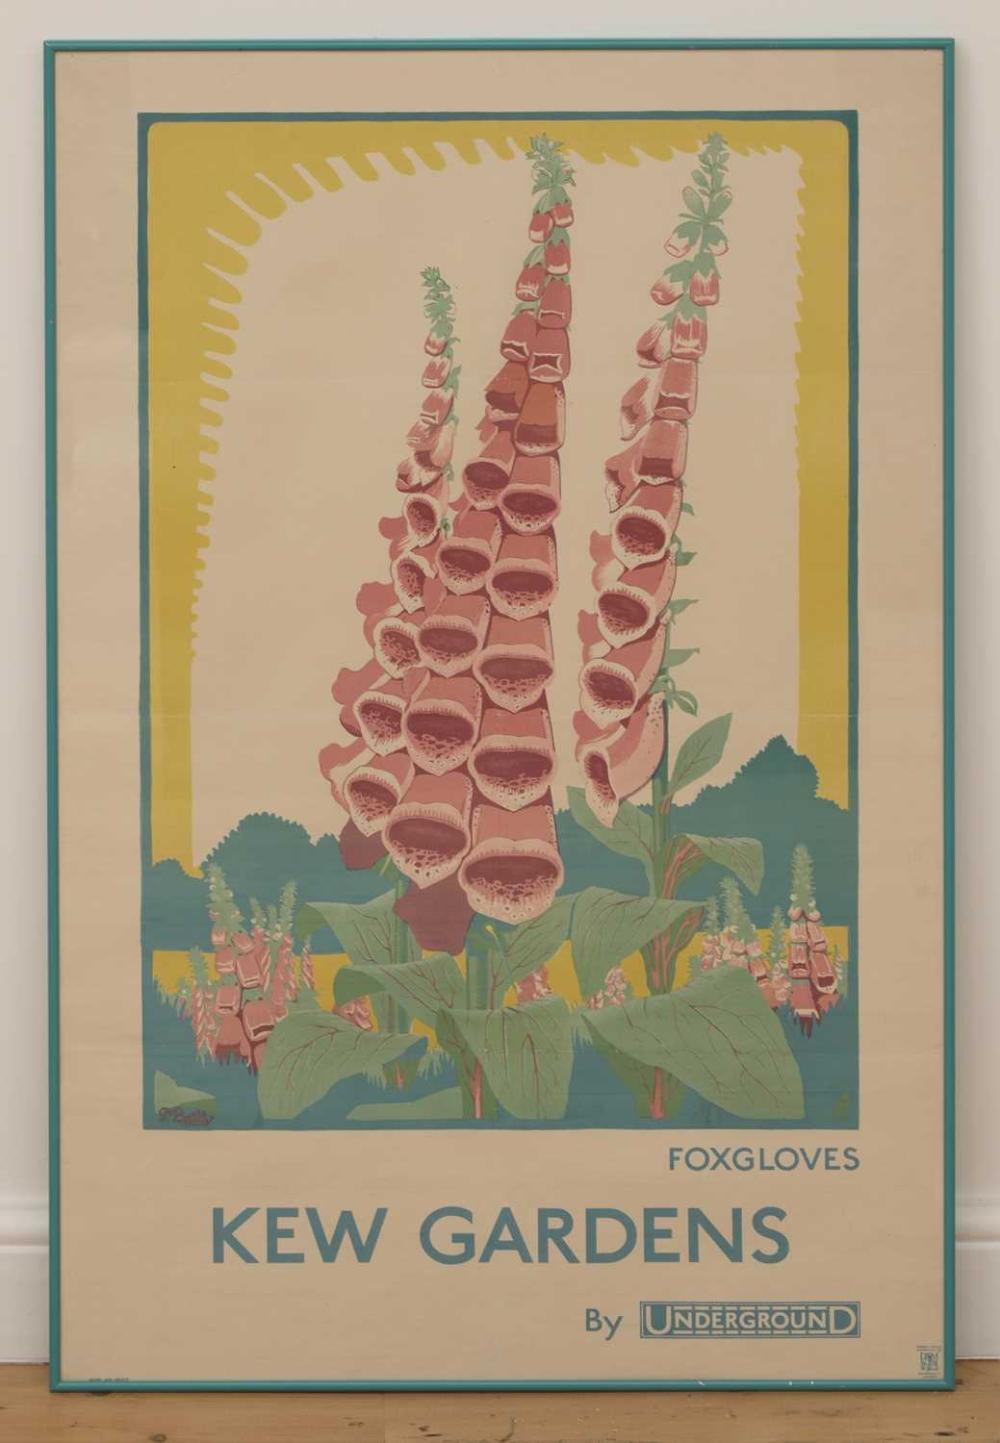 A London Underground poster: 'Foxgloves, Kew Gardens by Underground',